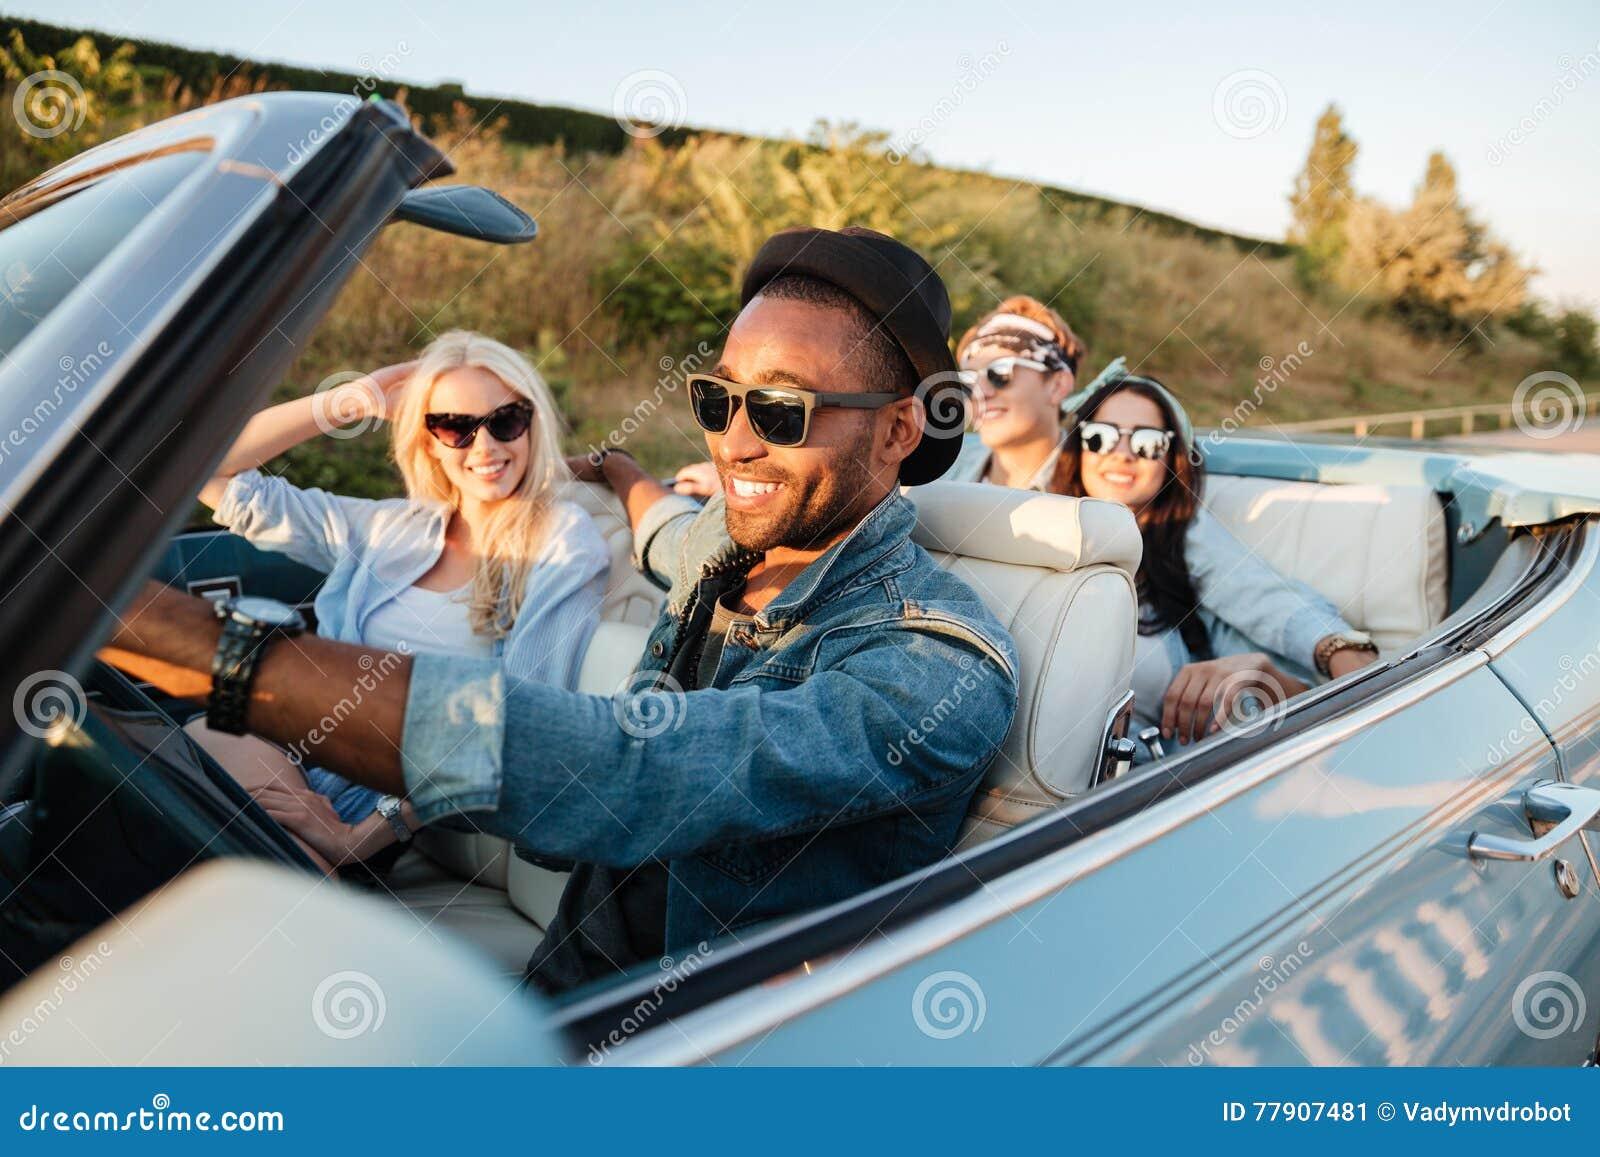 Rozochocony młody przyjaciół jechać samochodowy i ono uśmiecha się w lecie